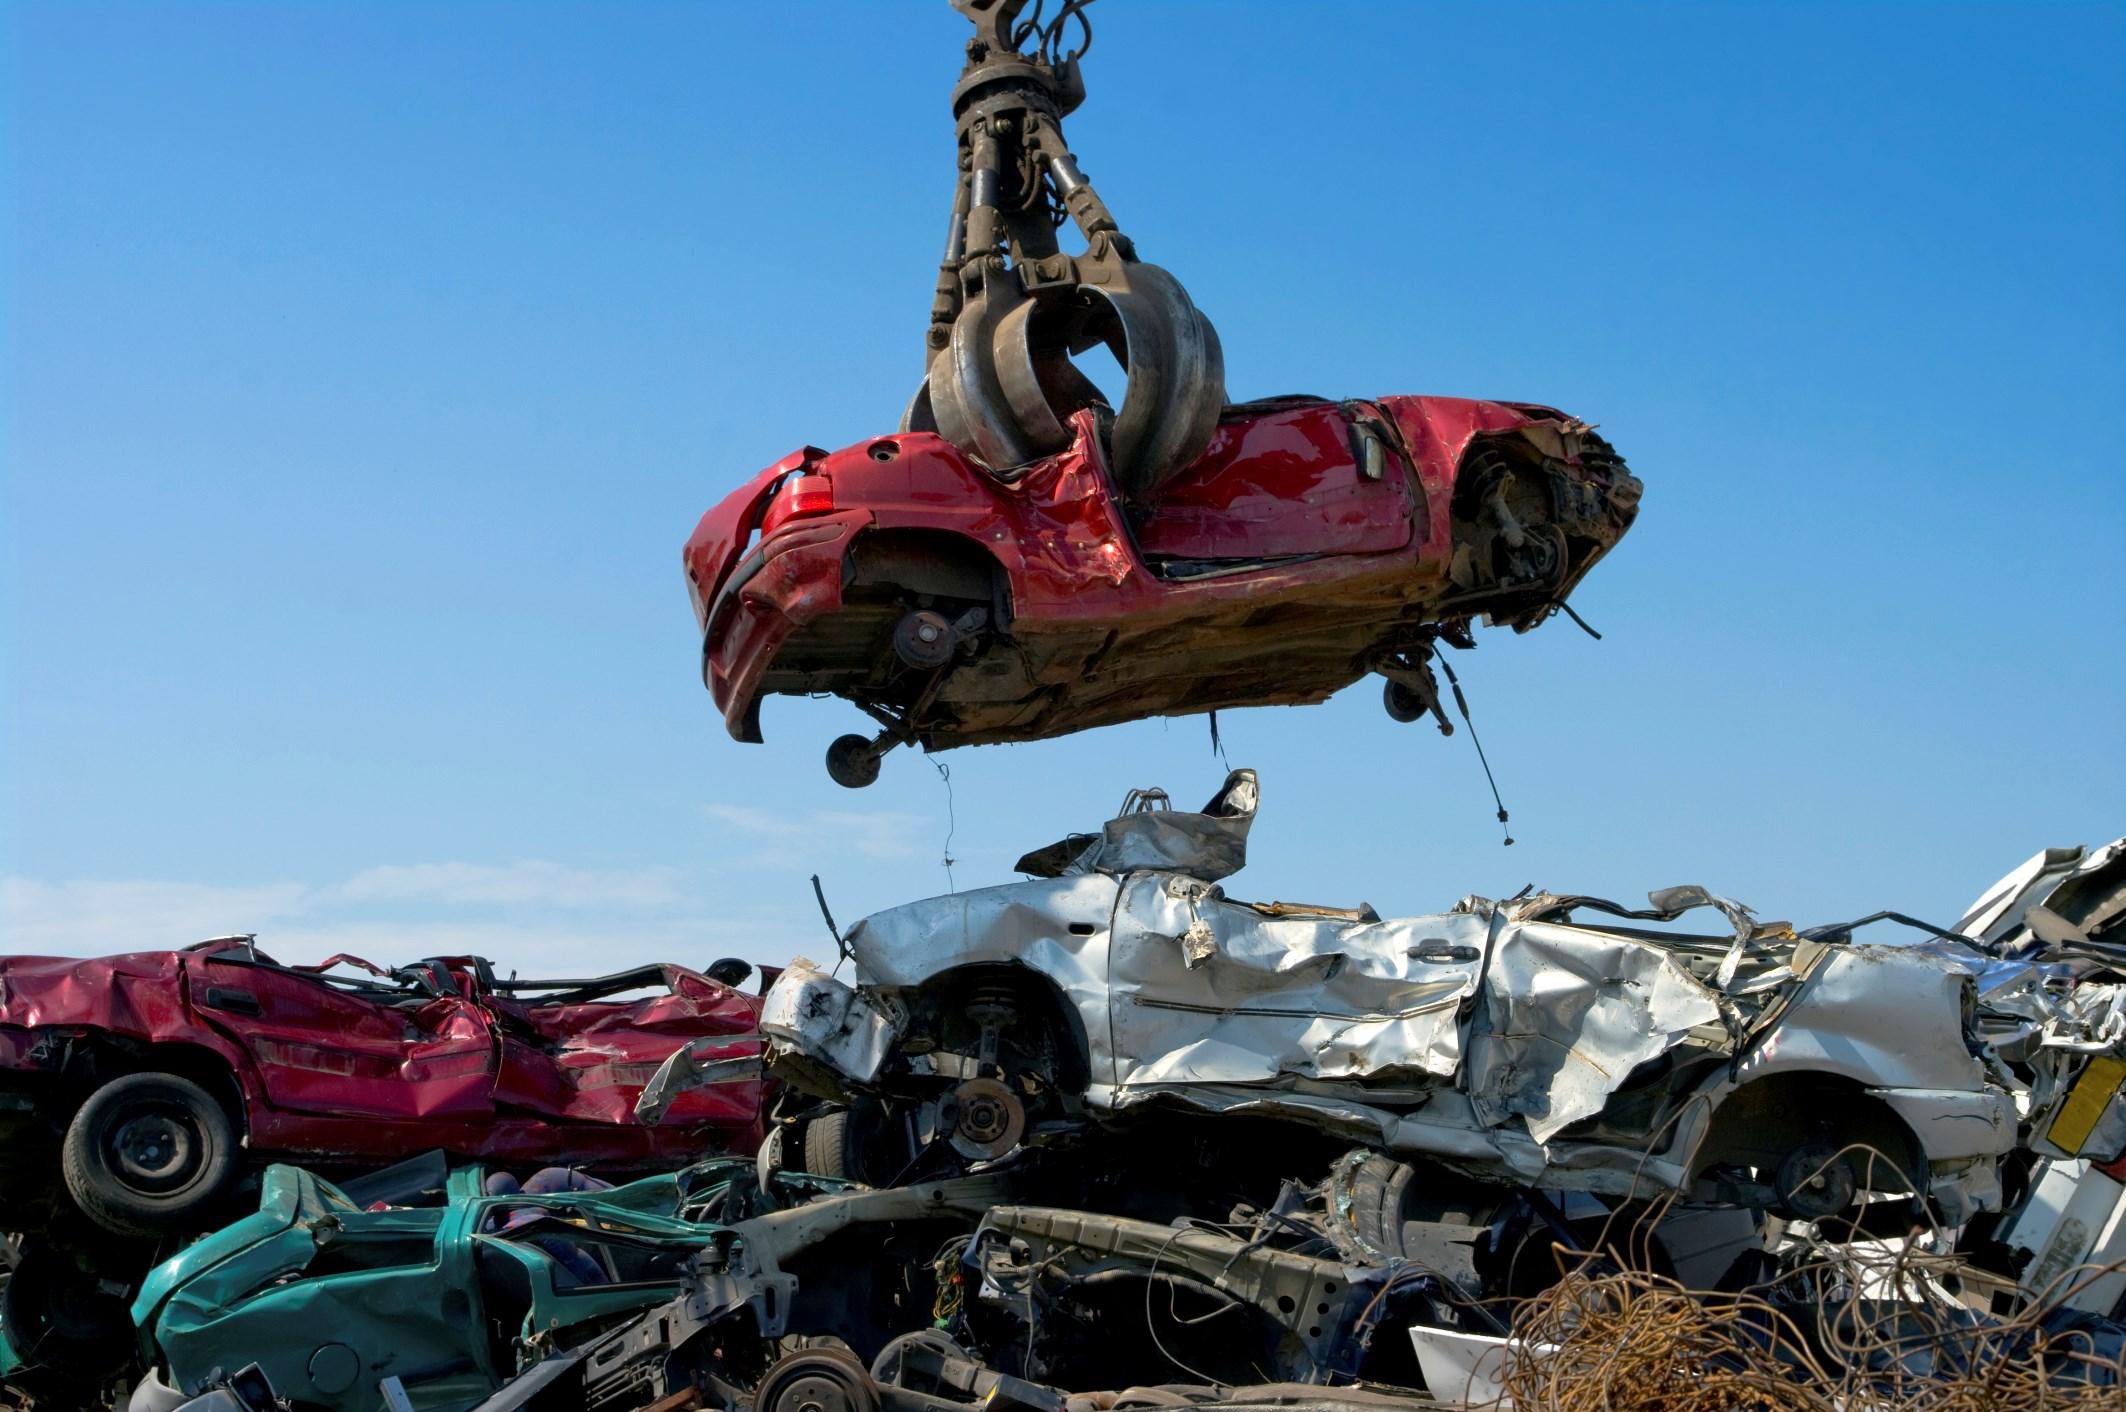 Delhi Scrapping of Vehicles Rules, 2018 to fuel aluminium scrap ...